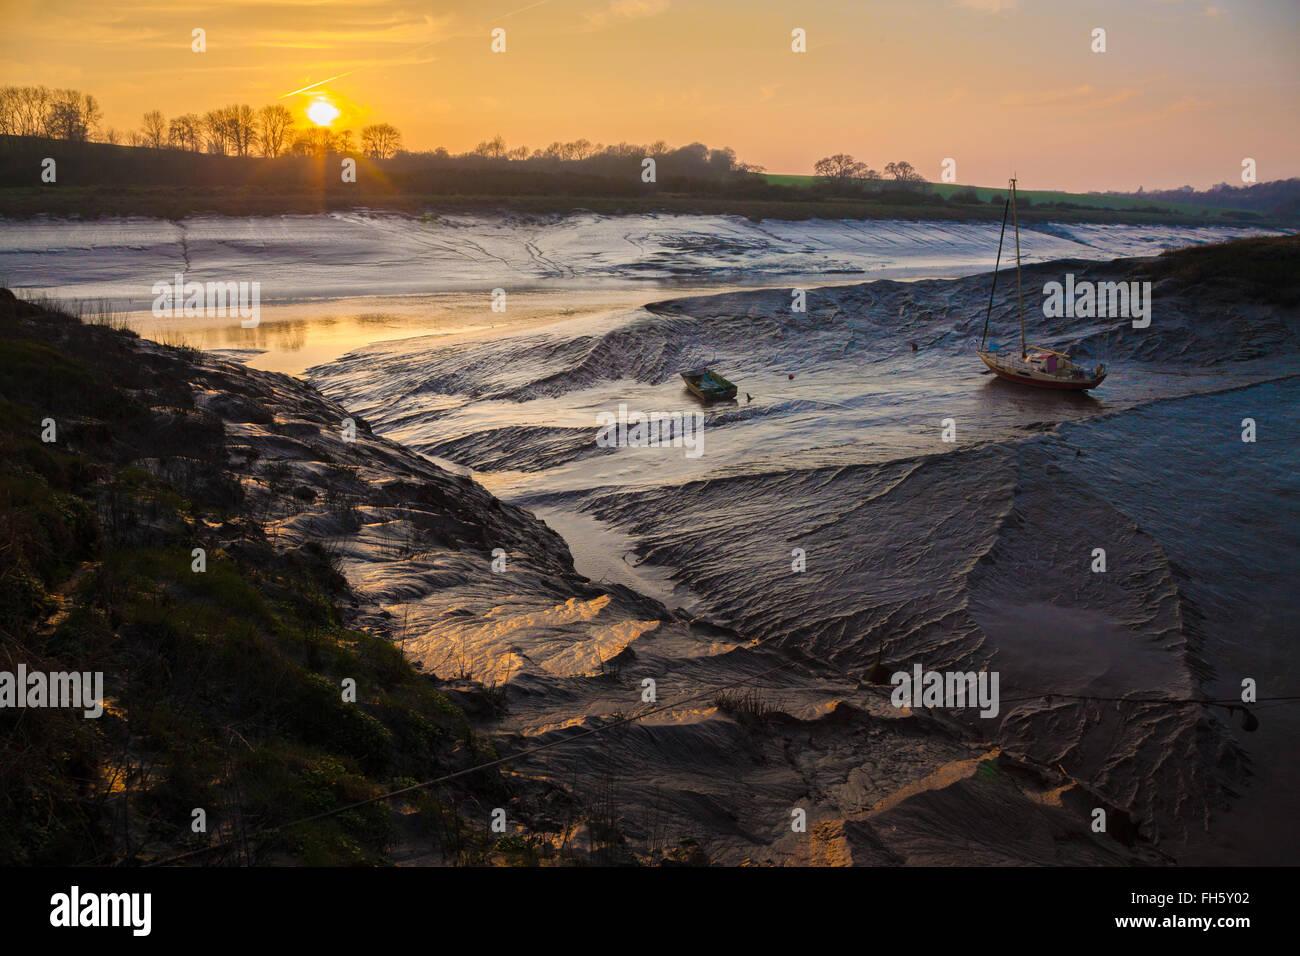 Sonnenuntergang und bei Ebbe über den Fluss Avon am Meer Mühlen in der Nähe von Bristol UK Website Stockbild